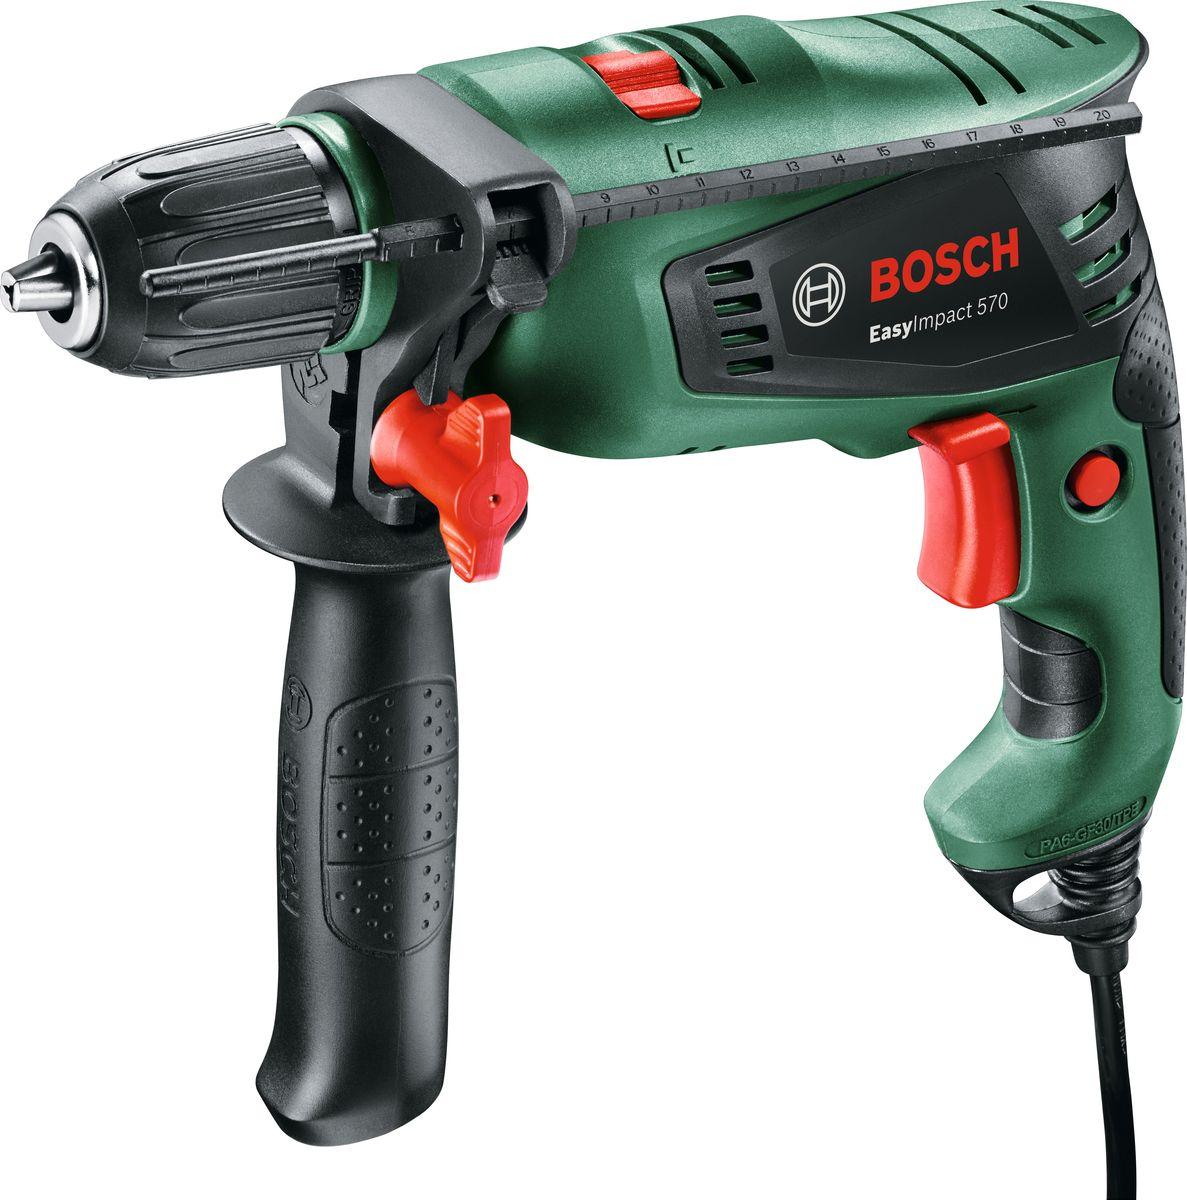 Дрель ударная Bosch EasyImpact 5700603130120Еще никогда прежде сверление не было таким легким — благодаря своему малому весу, а также компактной и эргономичной конструкции обращение с инструментом будет исключительно простым. Высокая производительность сверления несмотря на компактное исполнение: с этим мощным и компактным инструментом от Bosch обычное сверление станет детской игрой — в любых материалах, даже в бетоне. Быстрая и простая замена рабочего инструмента благодаря однокулачковому быстрозажимному сверлильному патрону с Bosch Auto-Lock.Мощность: 570 Вт Макс. Крутящий момент: 12 Н/м Макс. Сверление бетон: 10 мм Макс. Сверление сталь: 8 мм Макс. Сверление древесина: 25 мм Число оборотов на холостом ходу: 3000 об/мин Частота ударов: 33000 уд/мин.